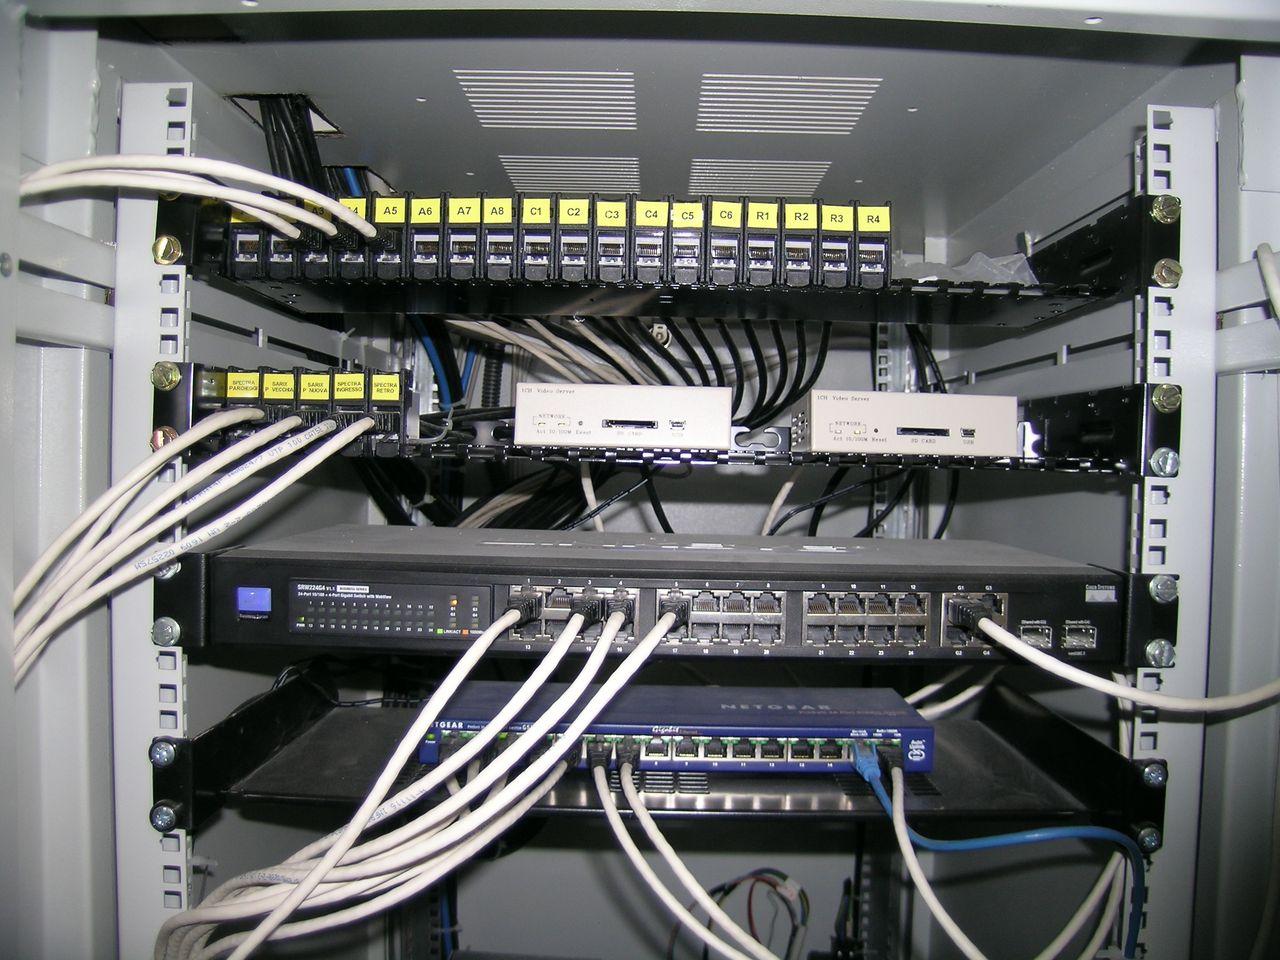 Impianti di trasmissione dati reti lan e wireless in provincia di Mantova